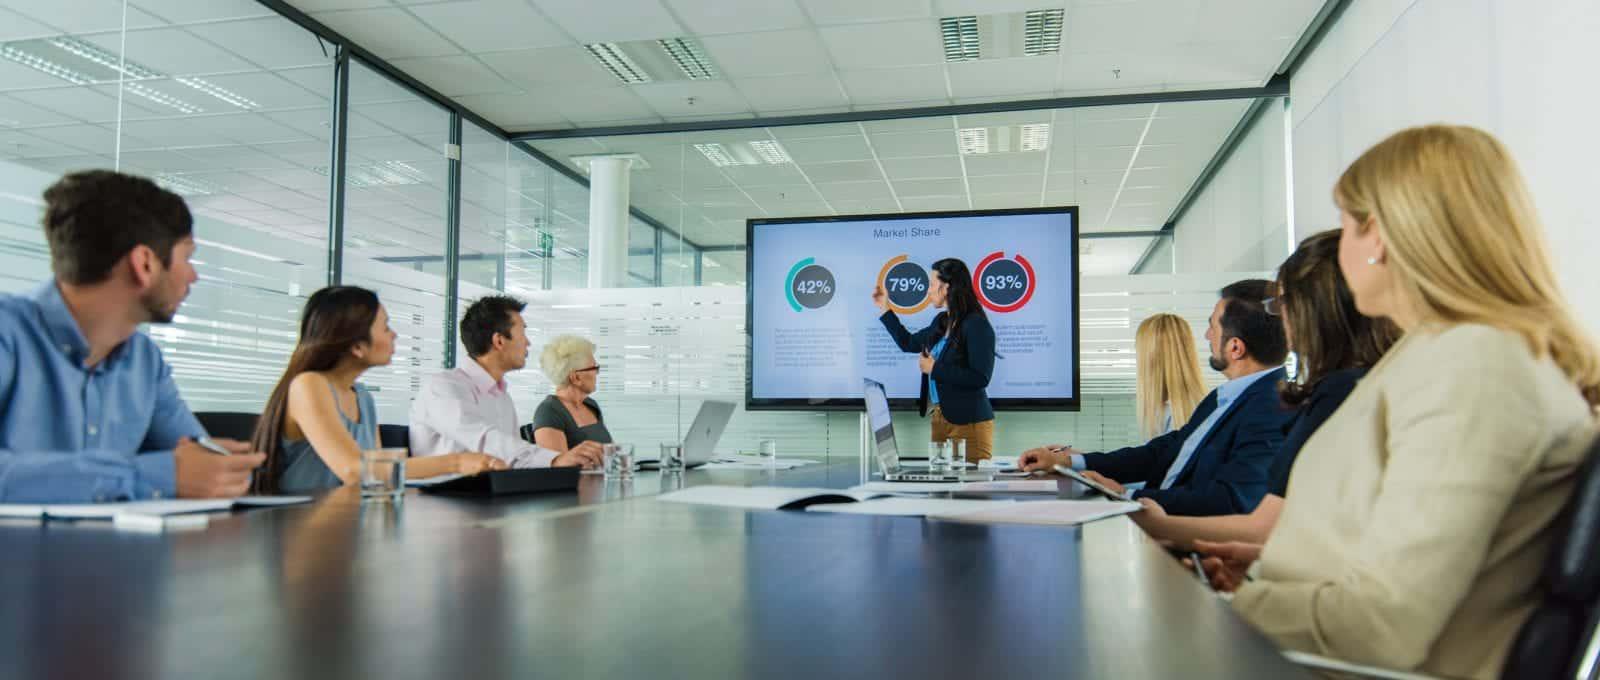 4 Gründe, warum Ihr Unternehmen eine interaktive Präsentationssoftware verwenden sollte